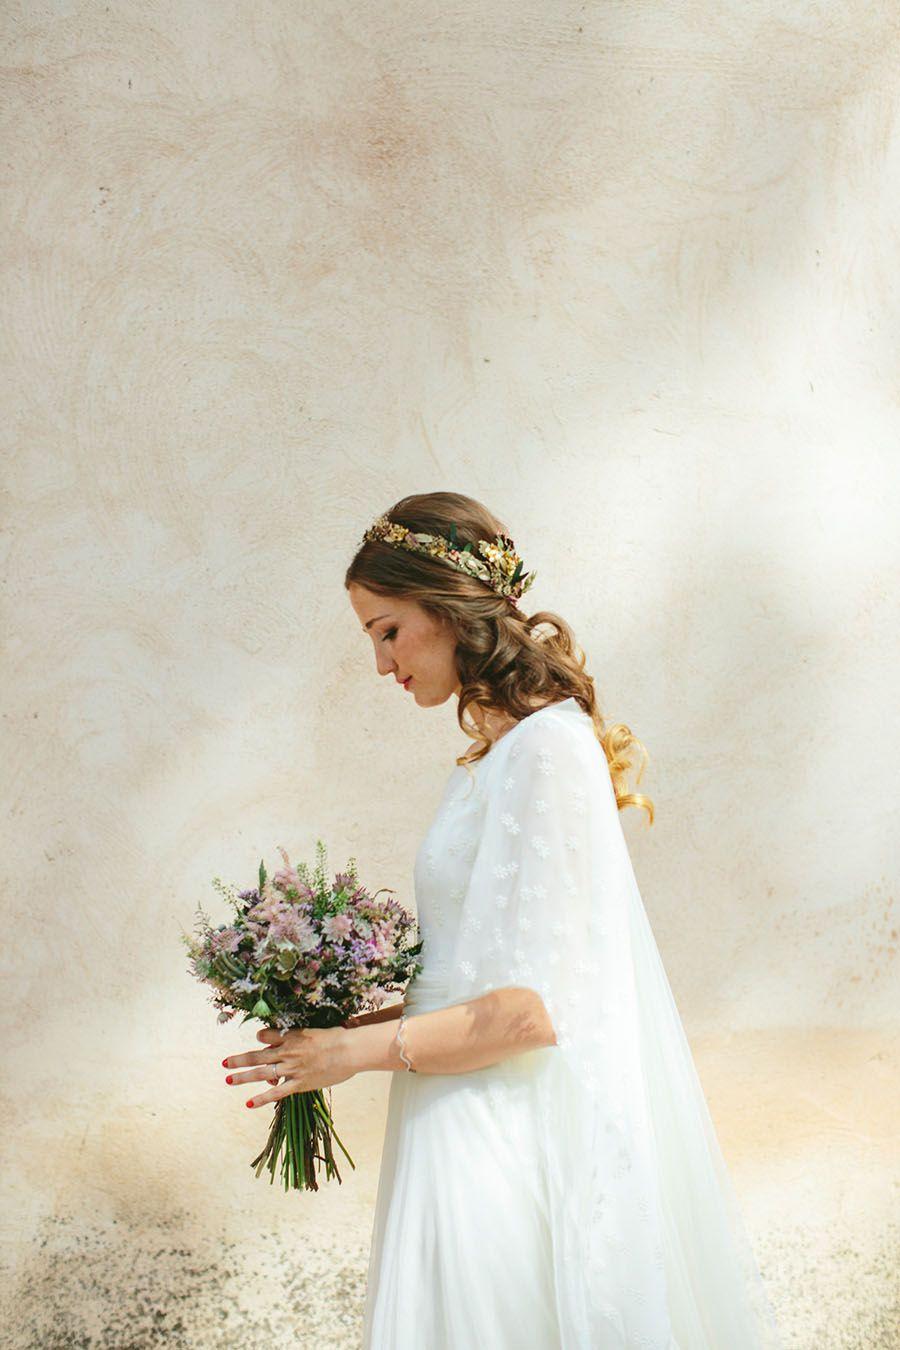 calista-one-lista-de-bodas-online-blog-de-bodas-inspiracion-bodas-m-20